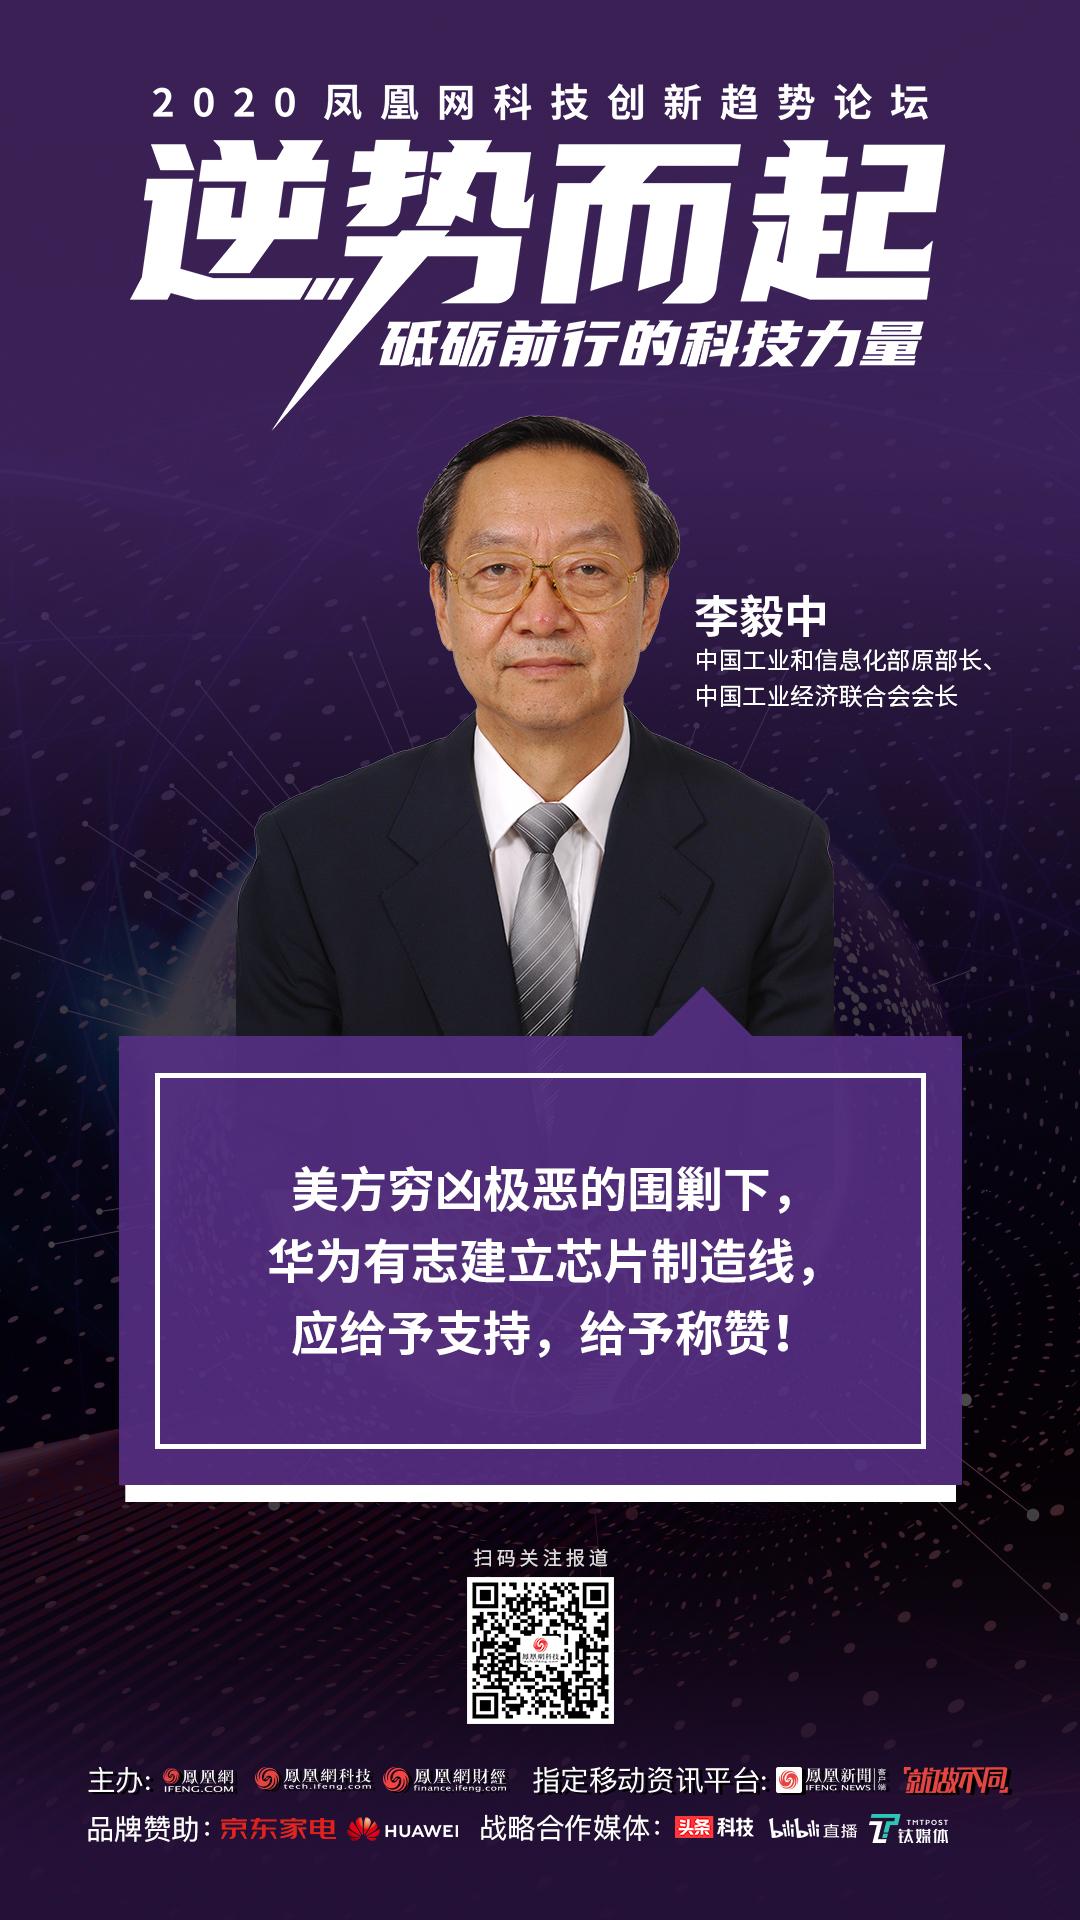 李毅中 中国工业和信息化部原部长、中国工业经济联合会会长